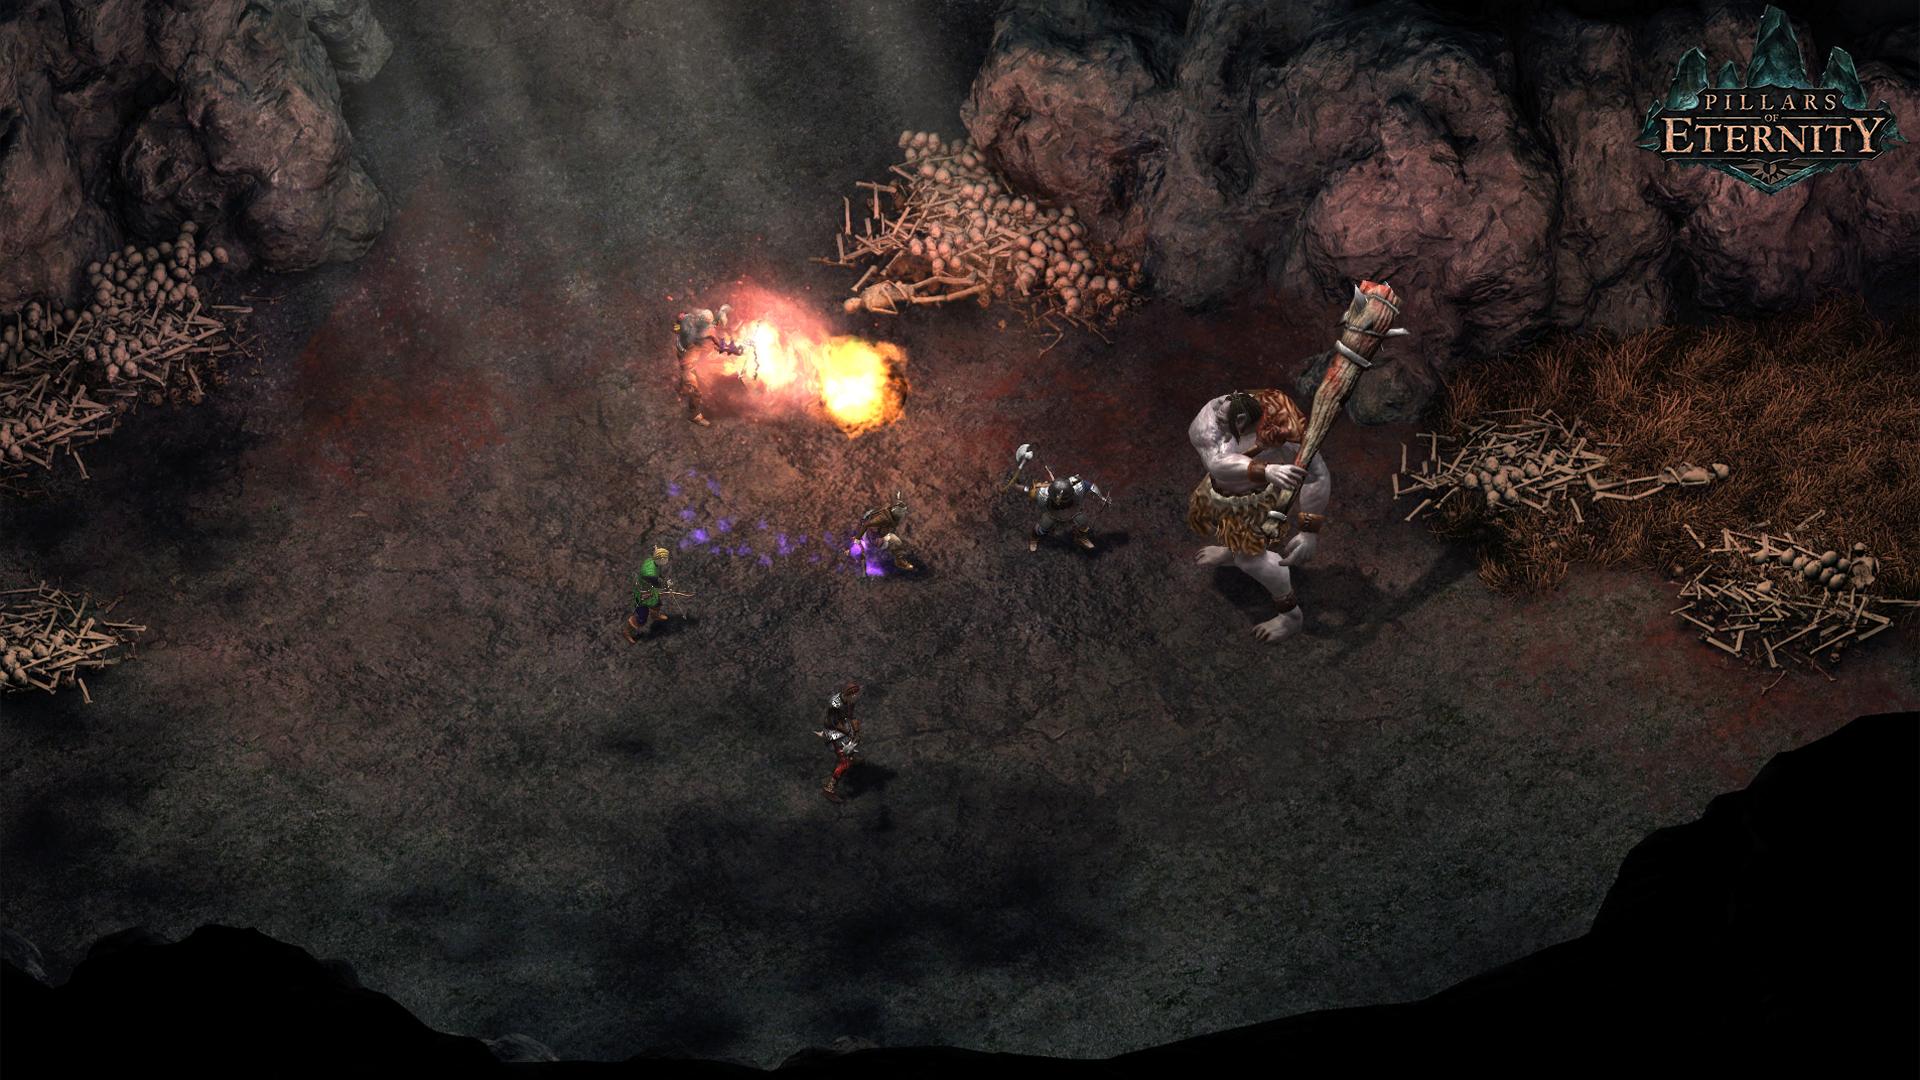 Hasil gambar untuk gambar game pilar of eternity